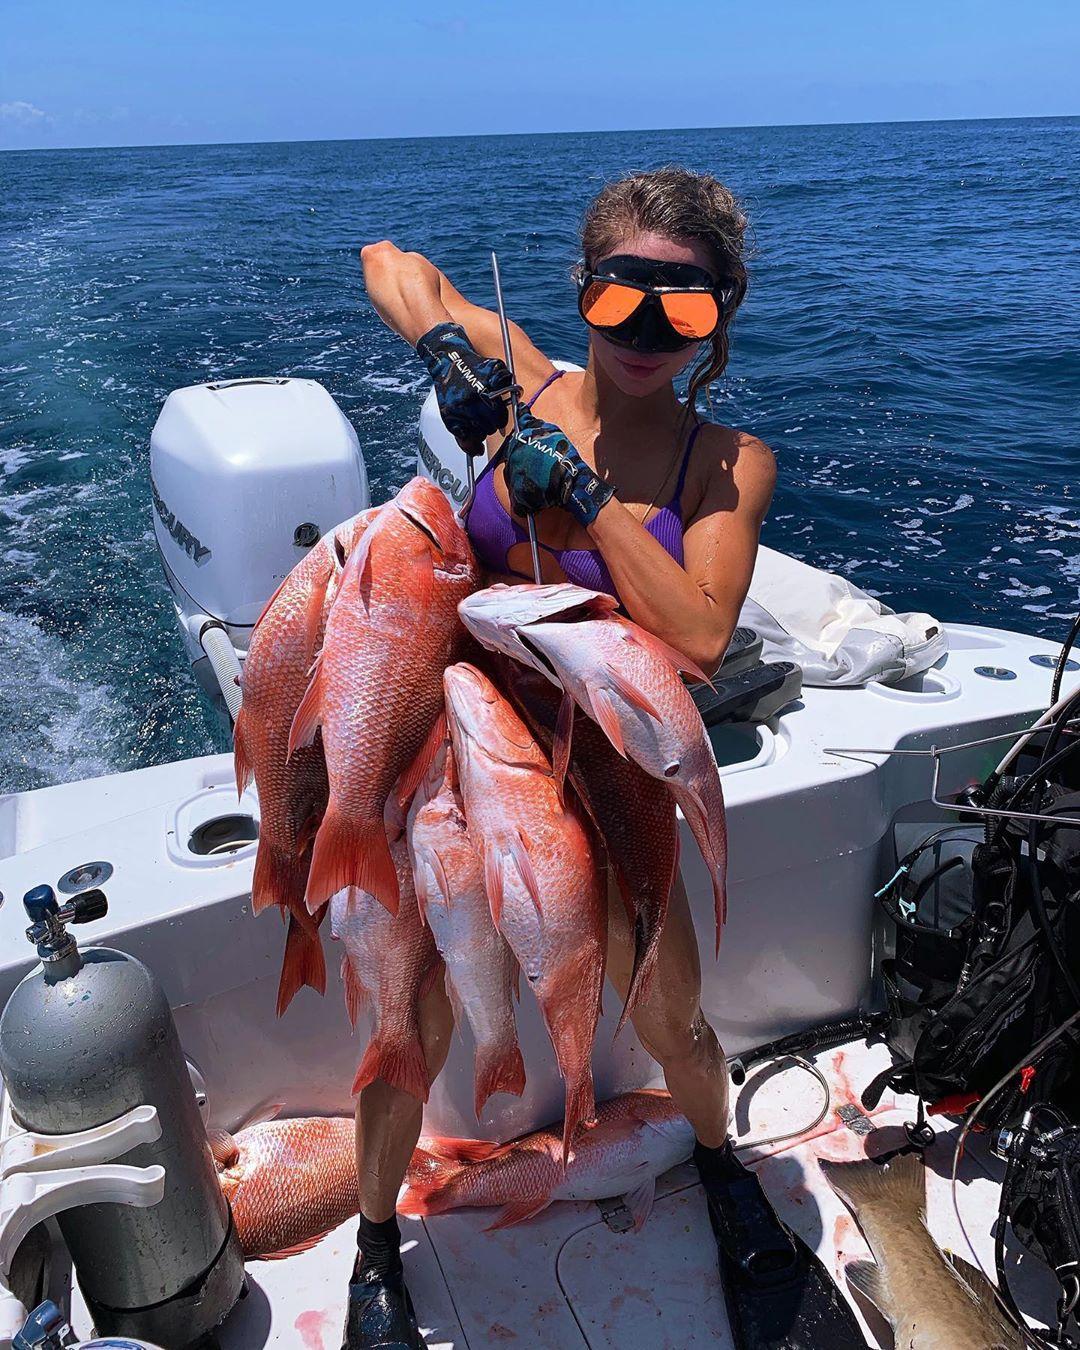 Самая сексуальная рыбачка в мире 24-летняя Эмили Ример и ее фото в бикини